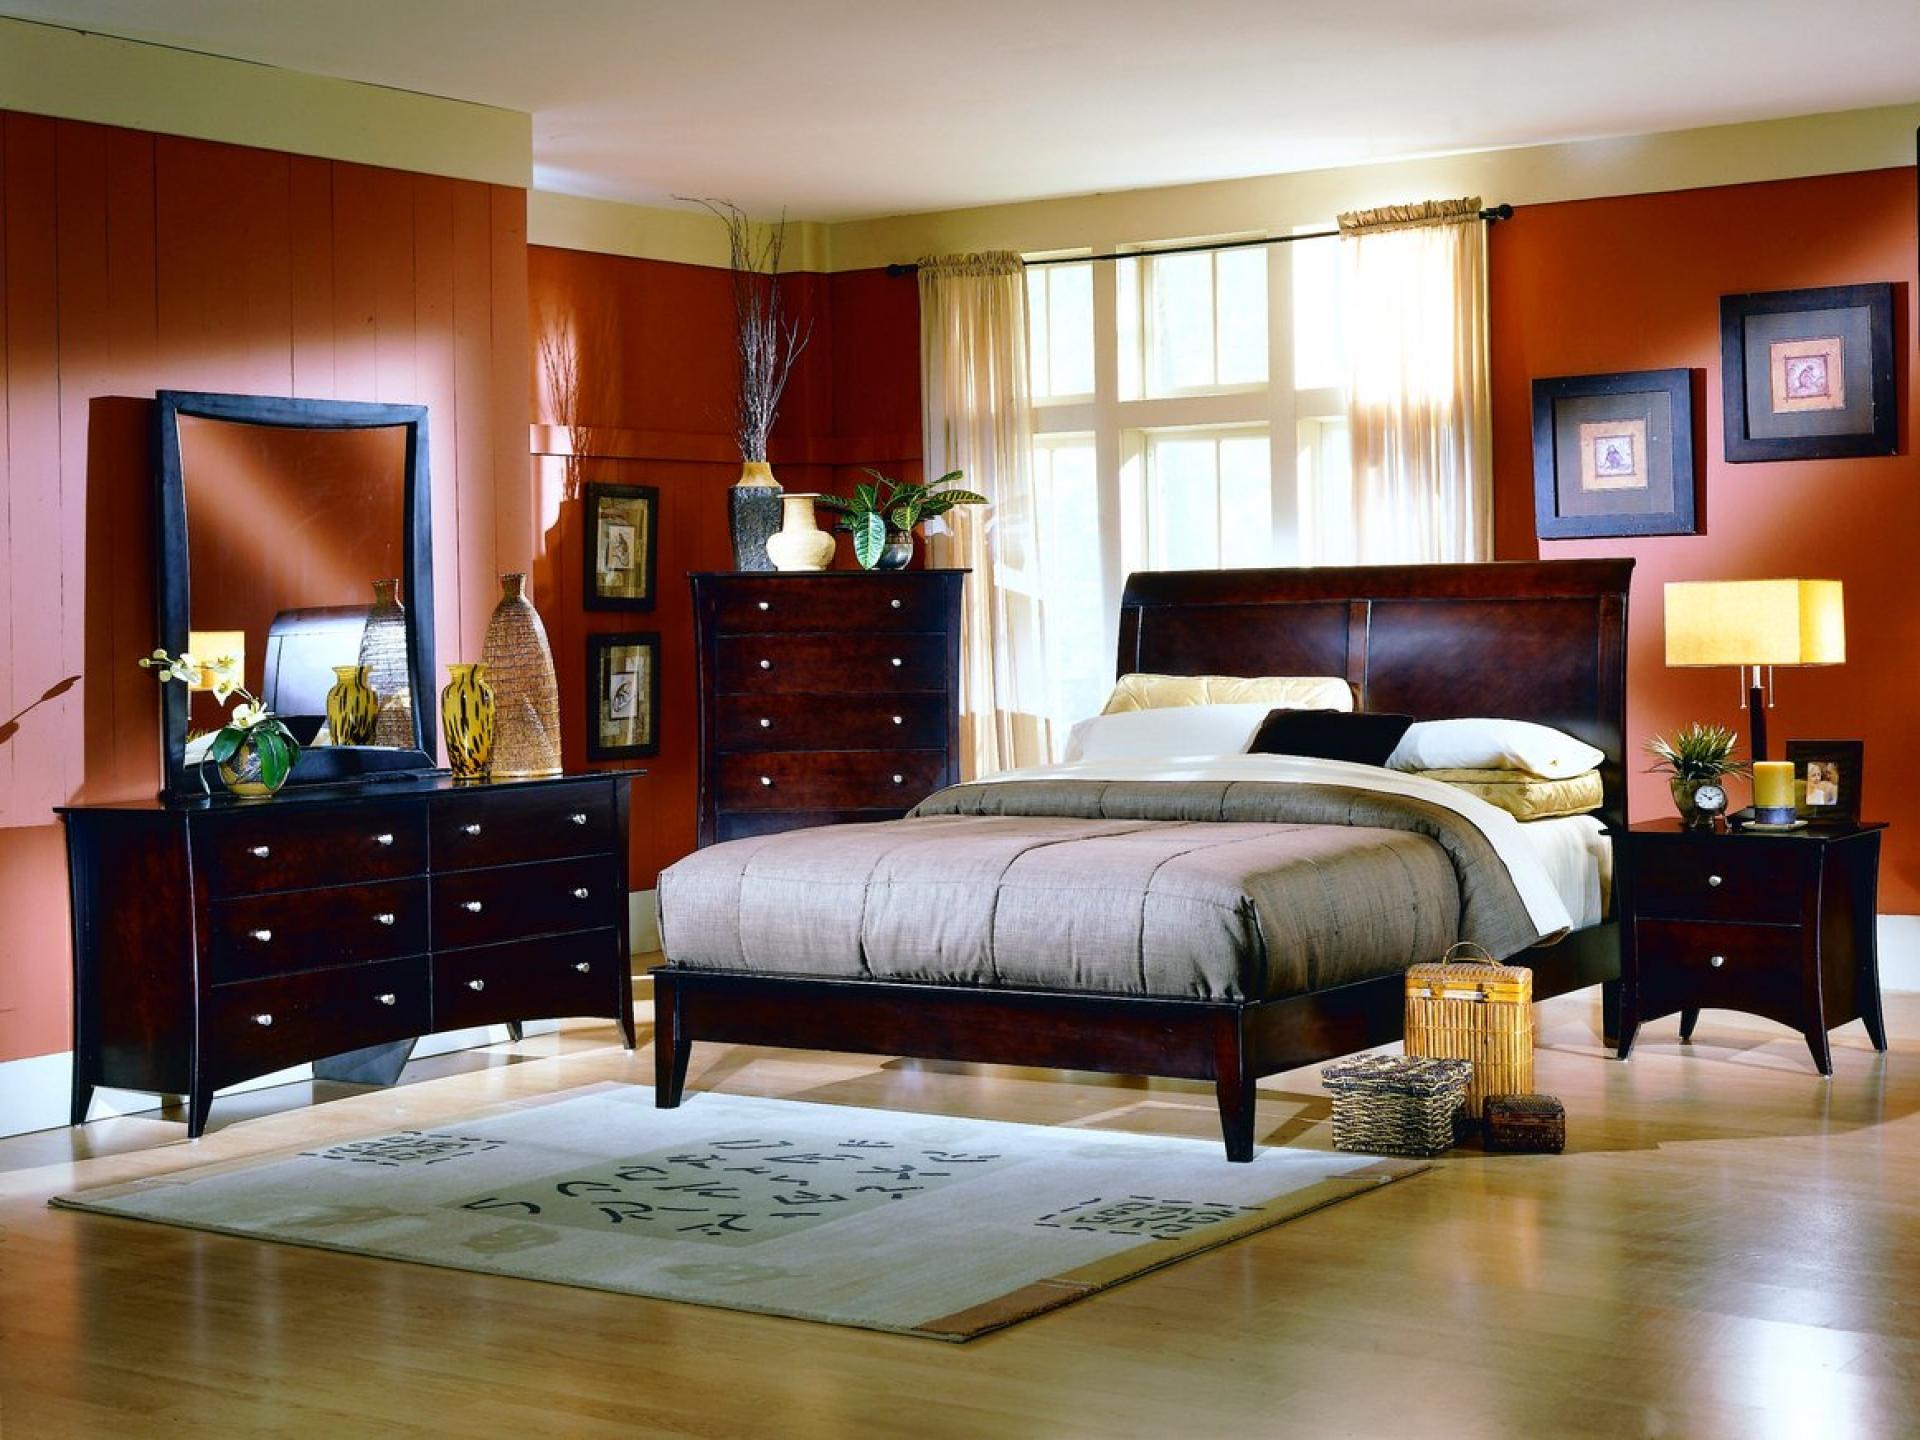 20 ایده جذاب برای ساماندهی فضای اتاق خواب